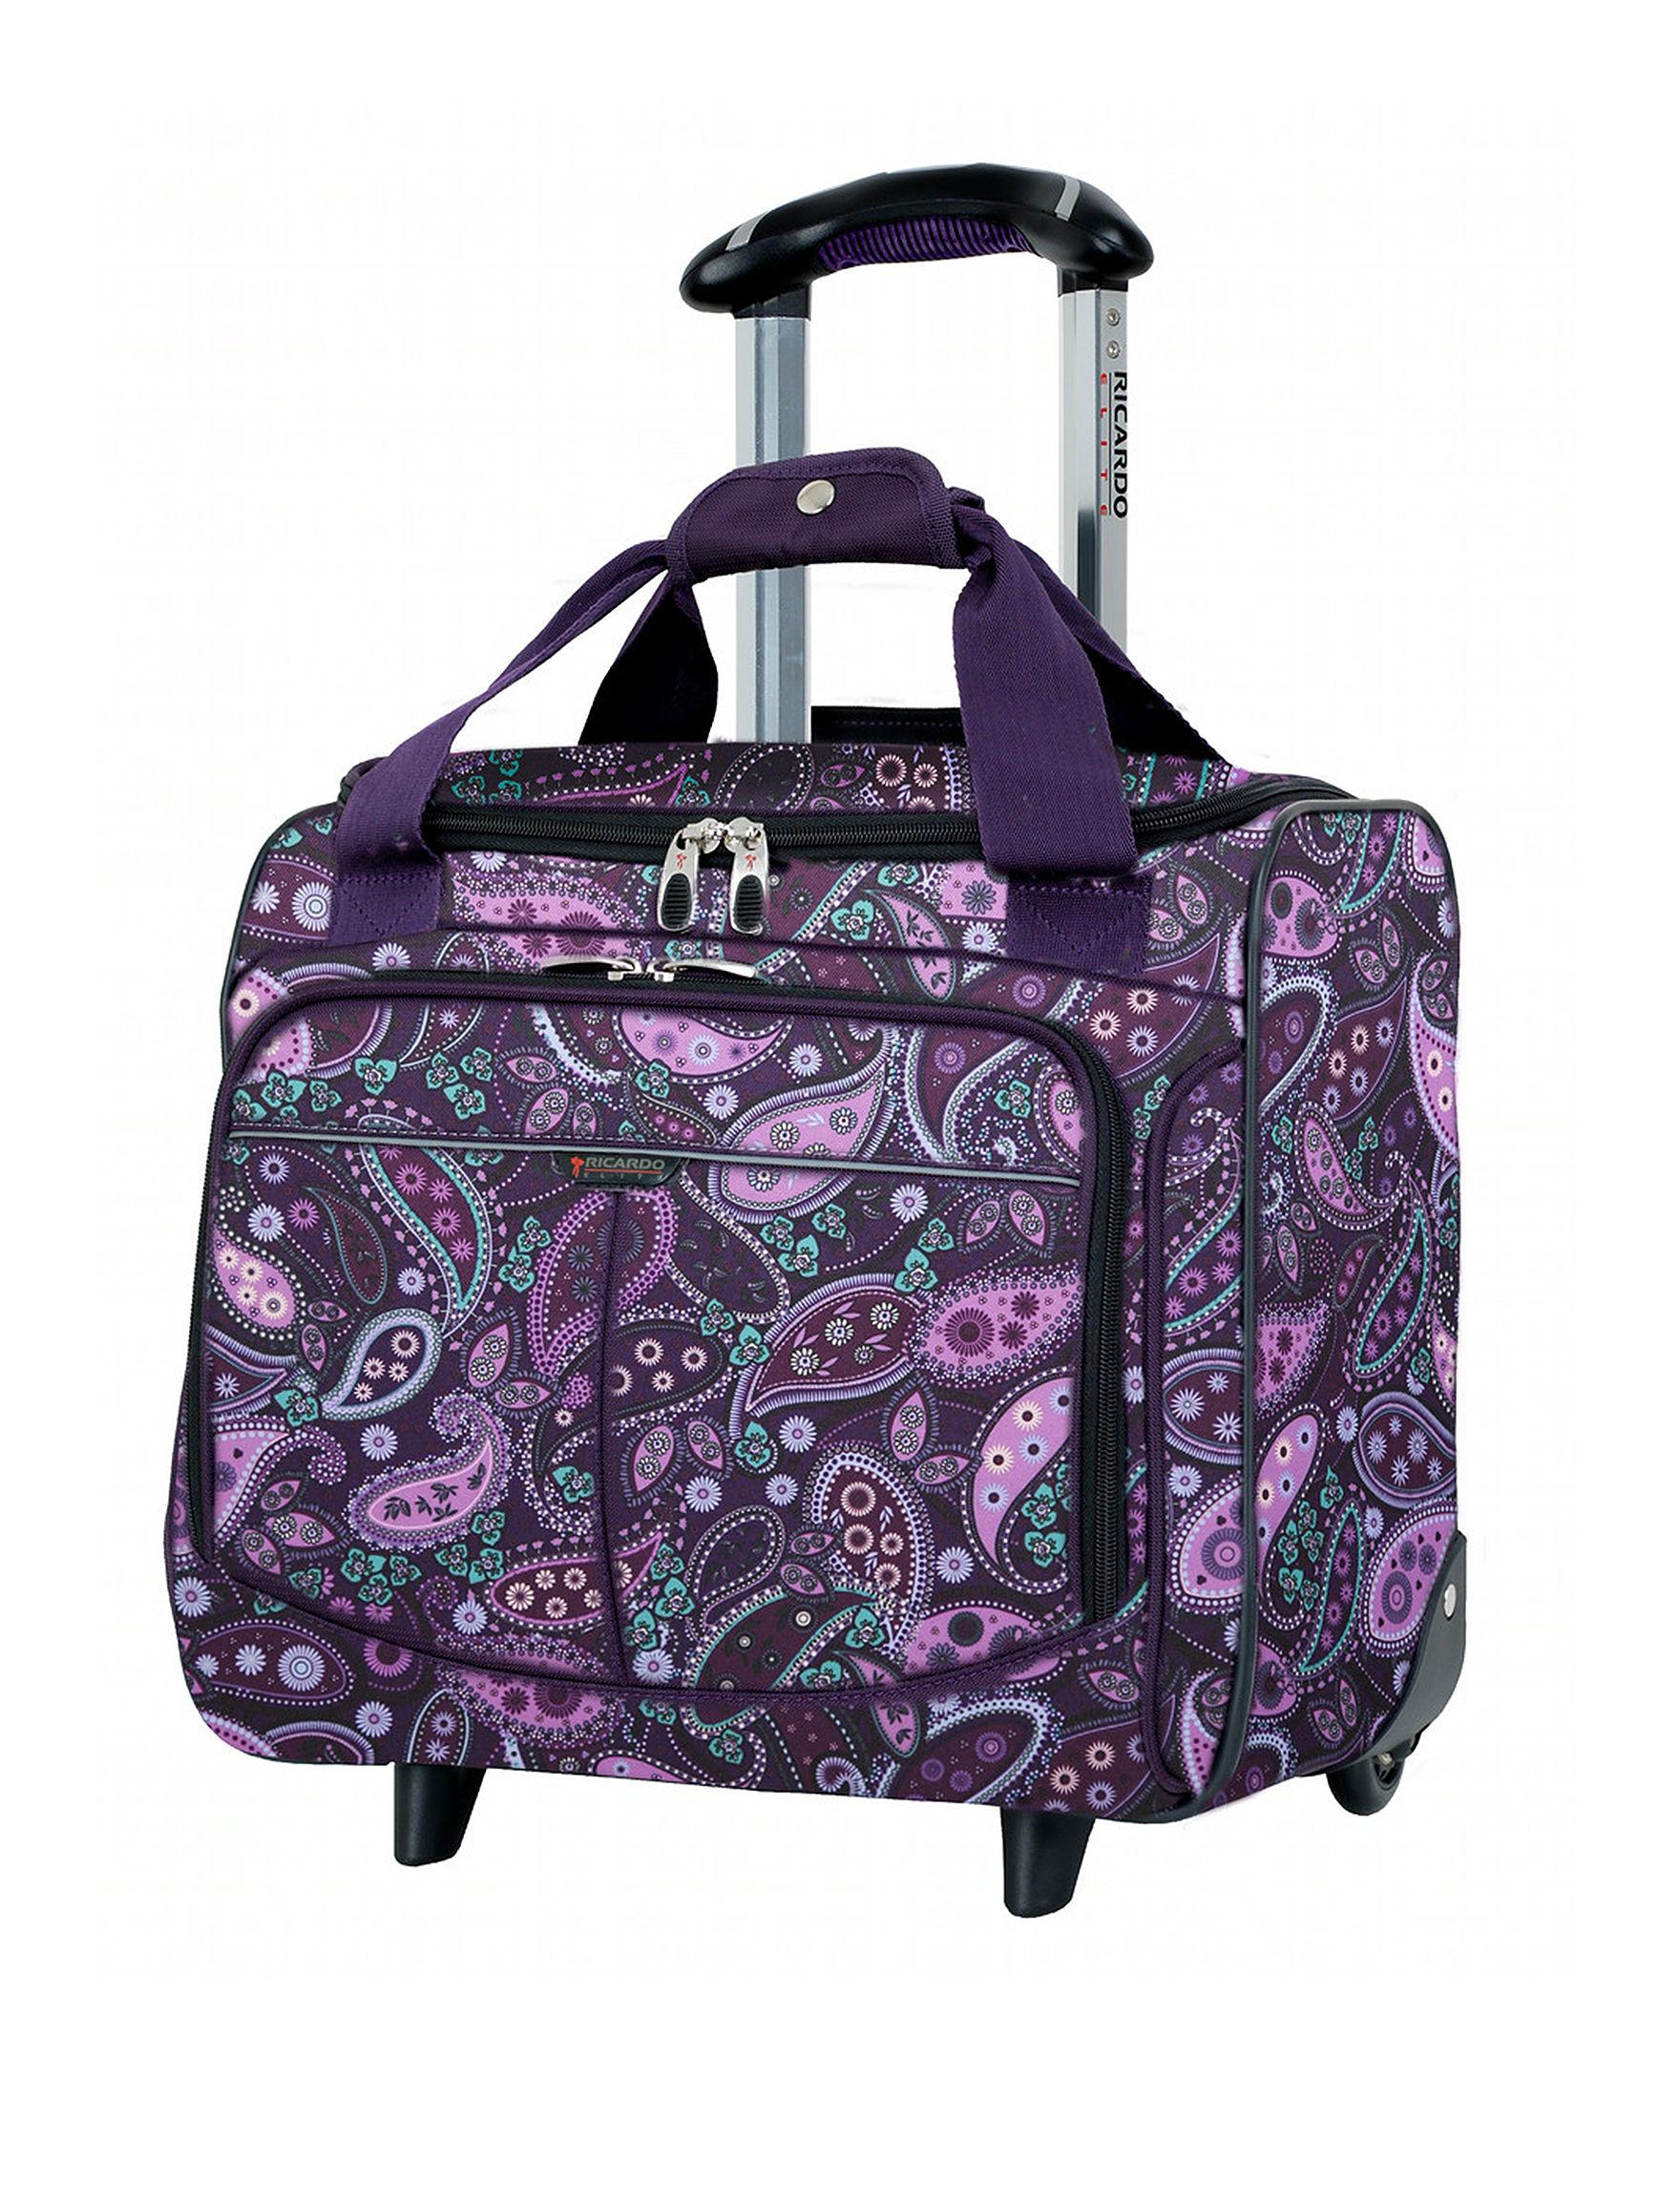 Ricardo Paisley Weekend Bags